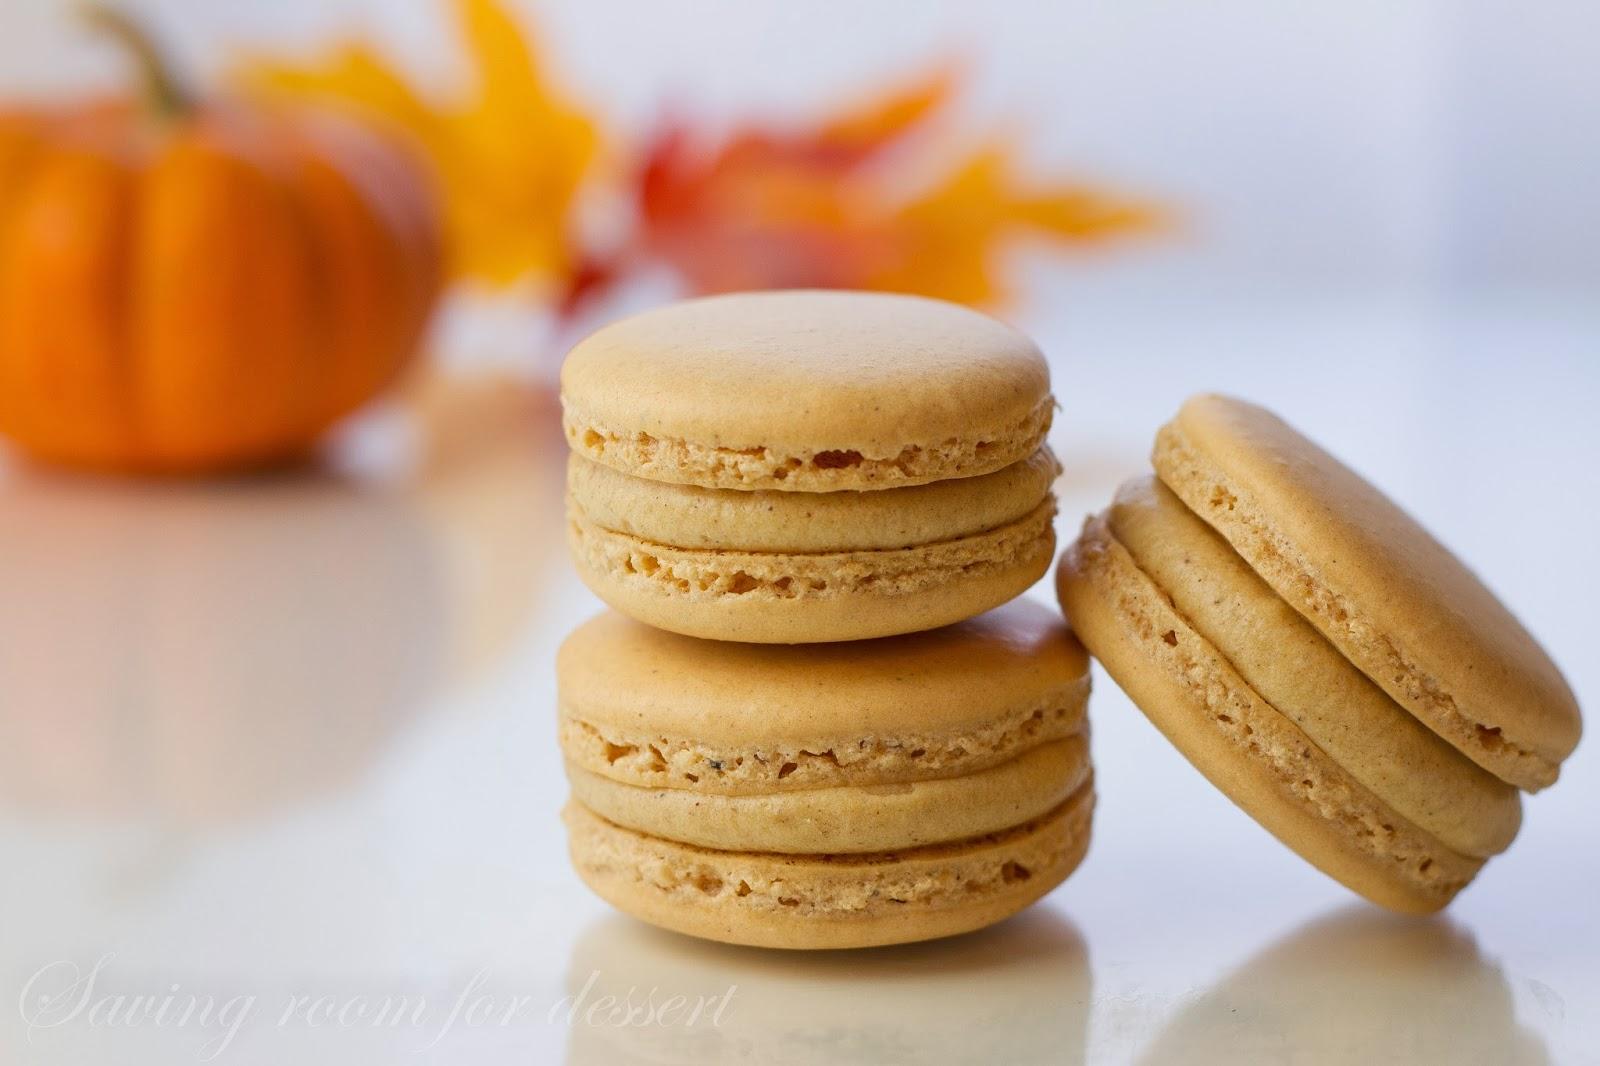 Pumpkin Macarons with Pumpkin Butter Buttercream - Saving Room for ...